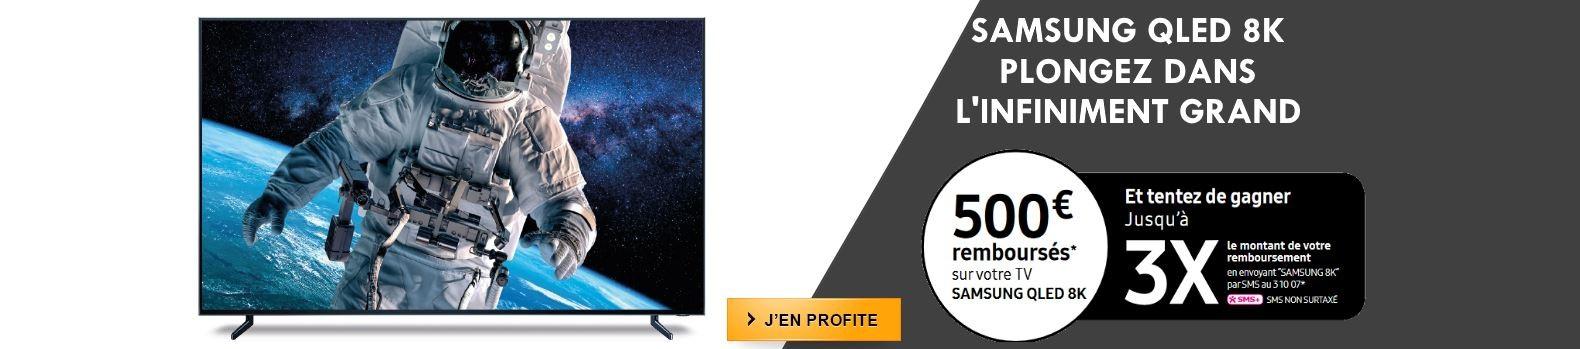 Jusqu'à 500€ remboursés pour l'achat d'un téléviseur QLED 8K Samsung et tentez votre chance avec Instants Gagnants